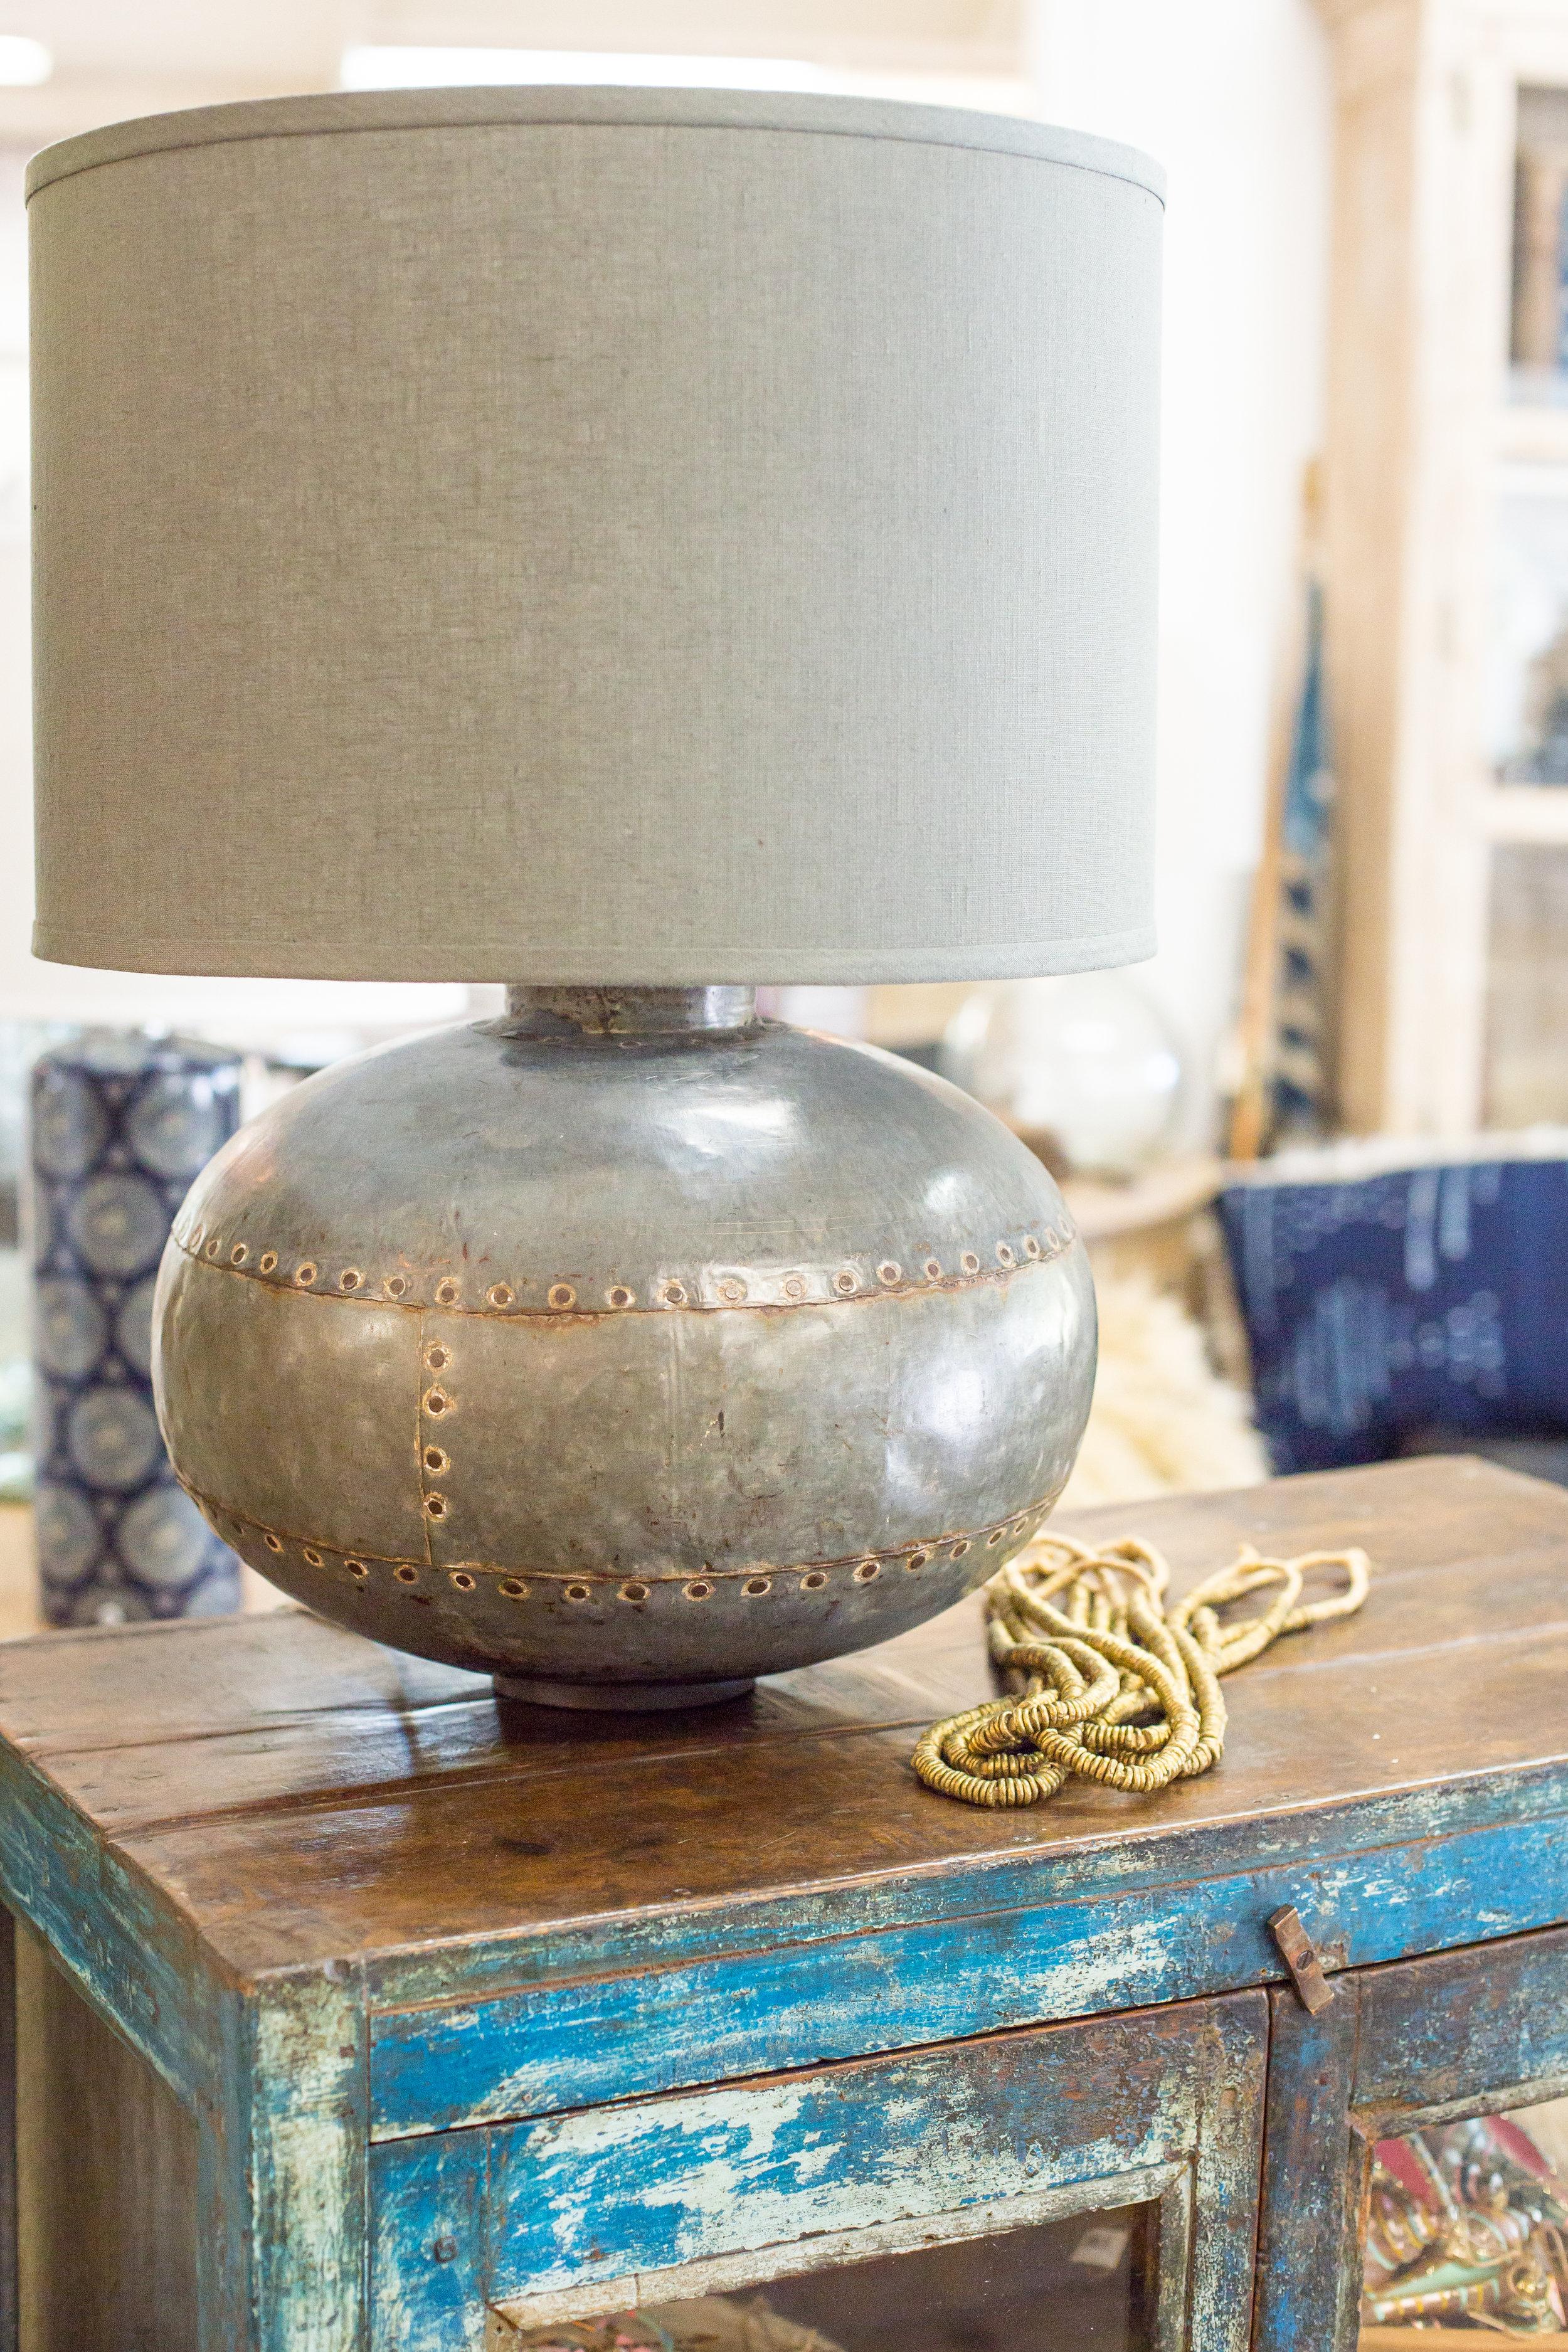 Metal decorative lamp